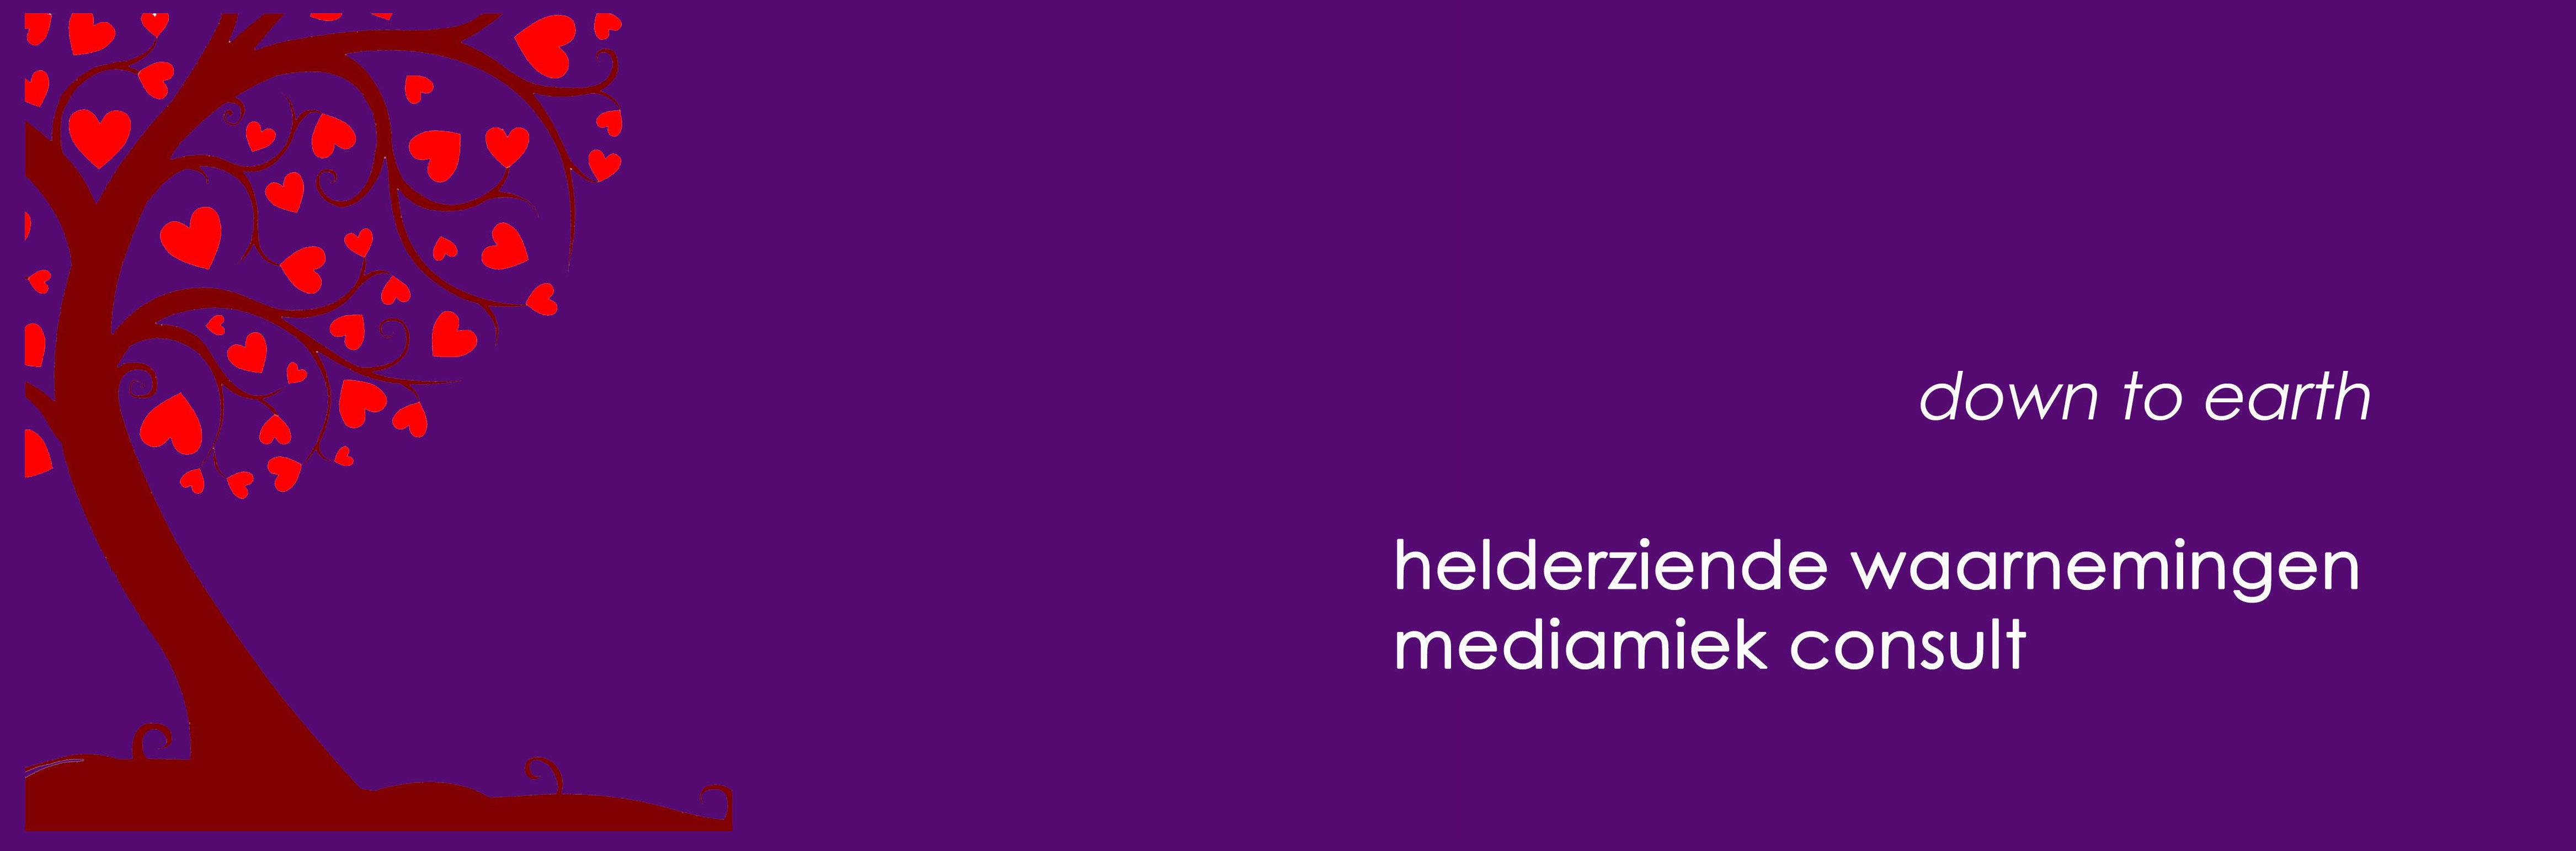 medium wendy van der ven